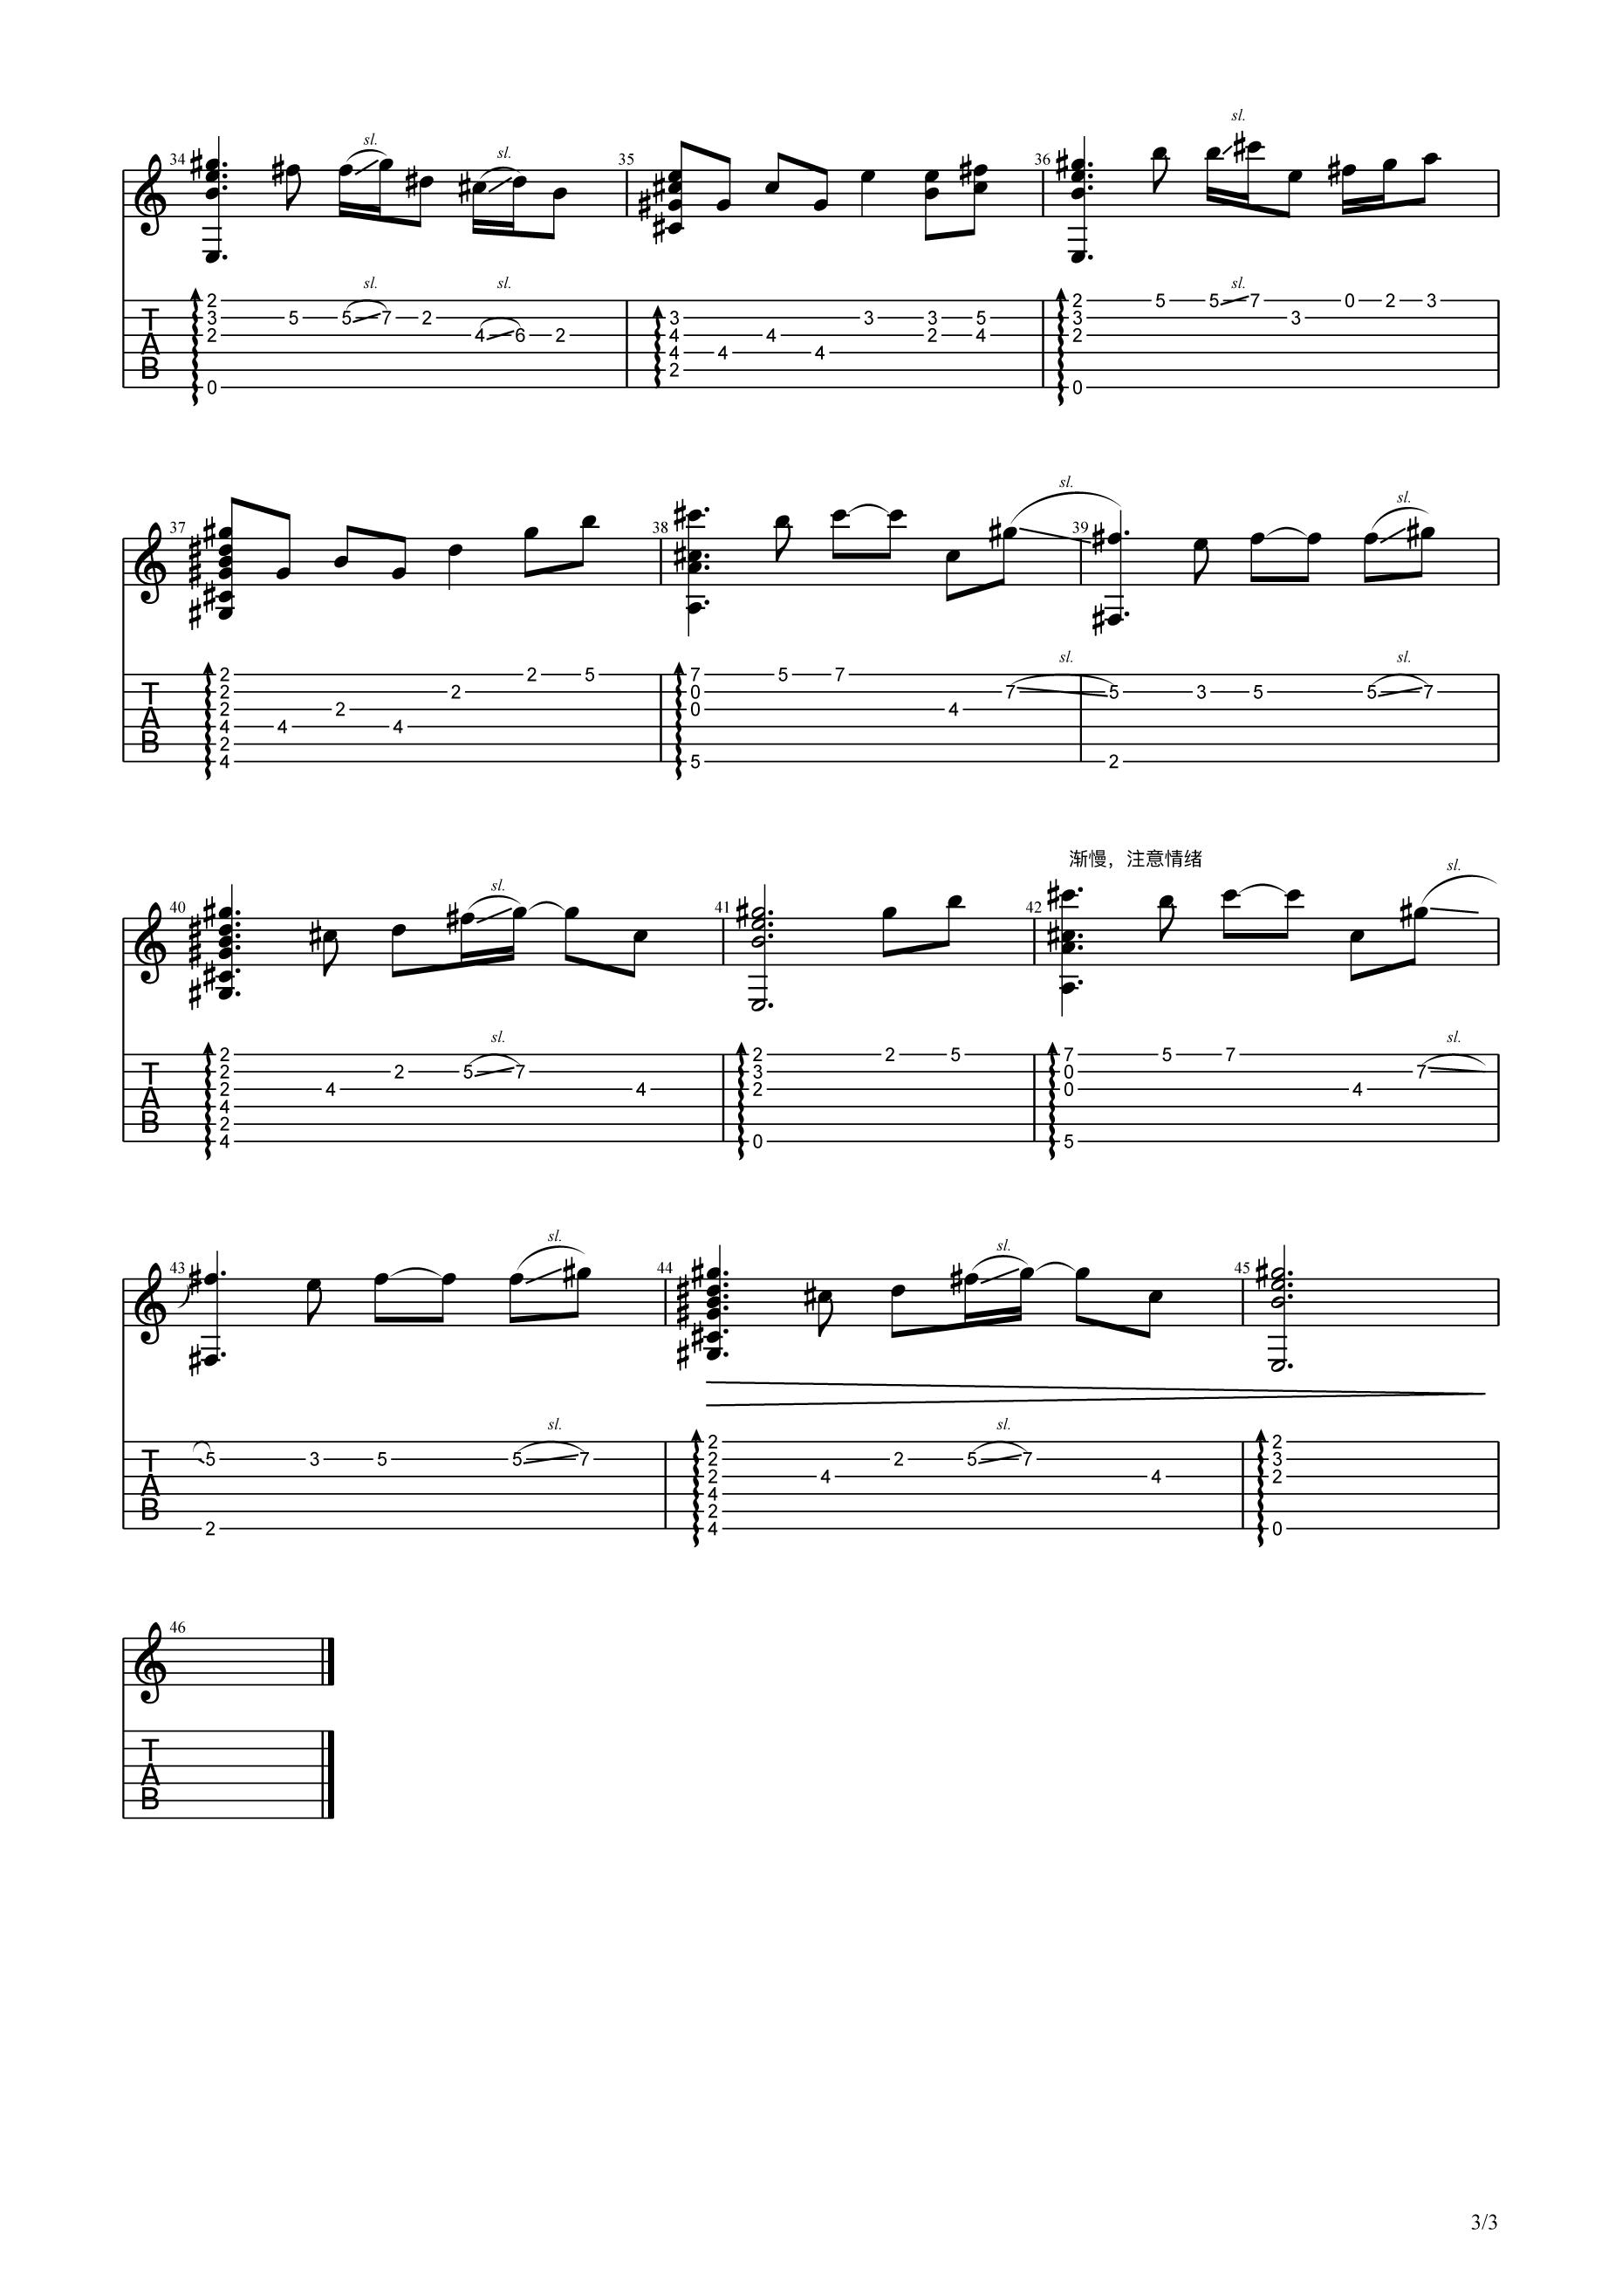 吉他派《女儿情》吉他谱指弹谱-3